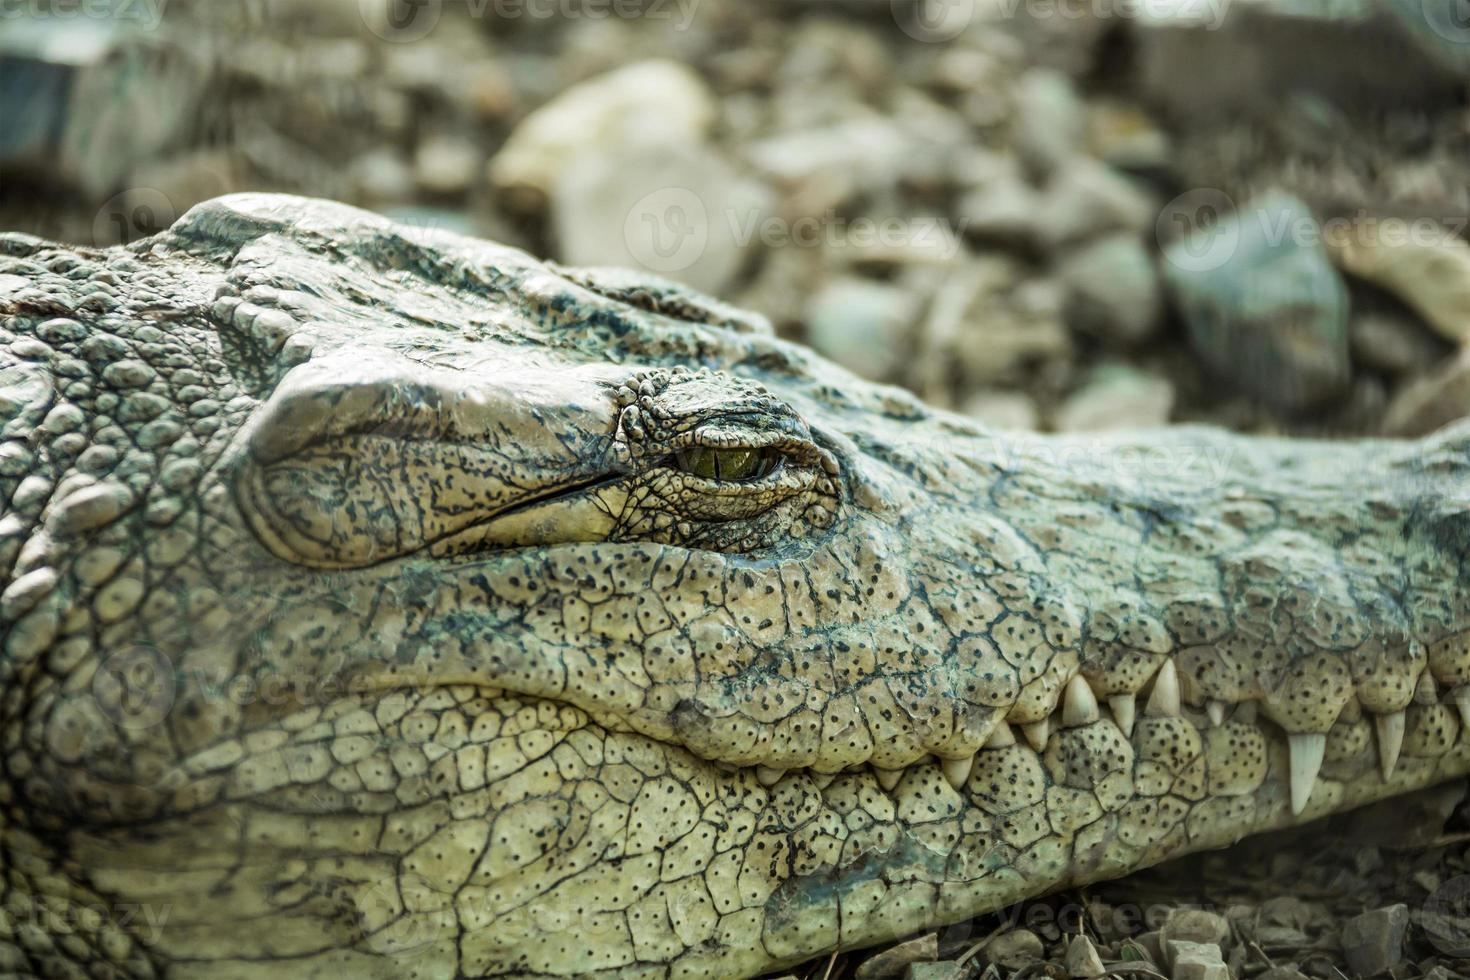 krokodil close-up oog sluit foto